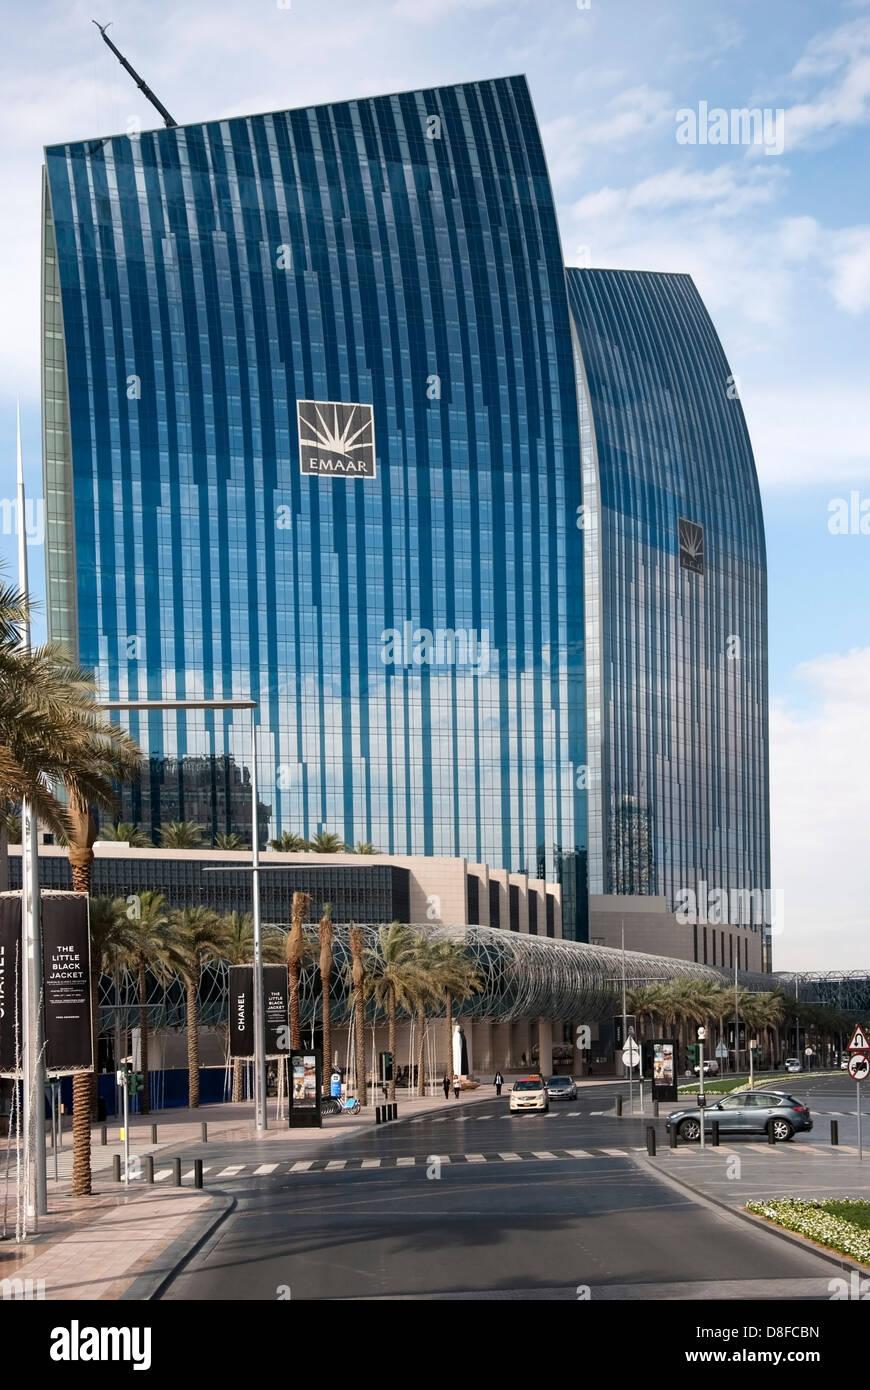 Vibrant Shimmering Blue Emaar Skyscrapers Mohammed Bin Rashid Boulevard Downtown Dubai - Stock Image